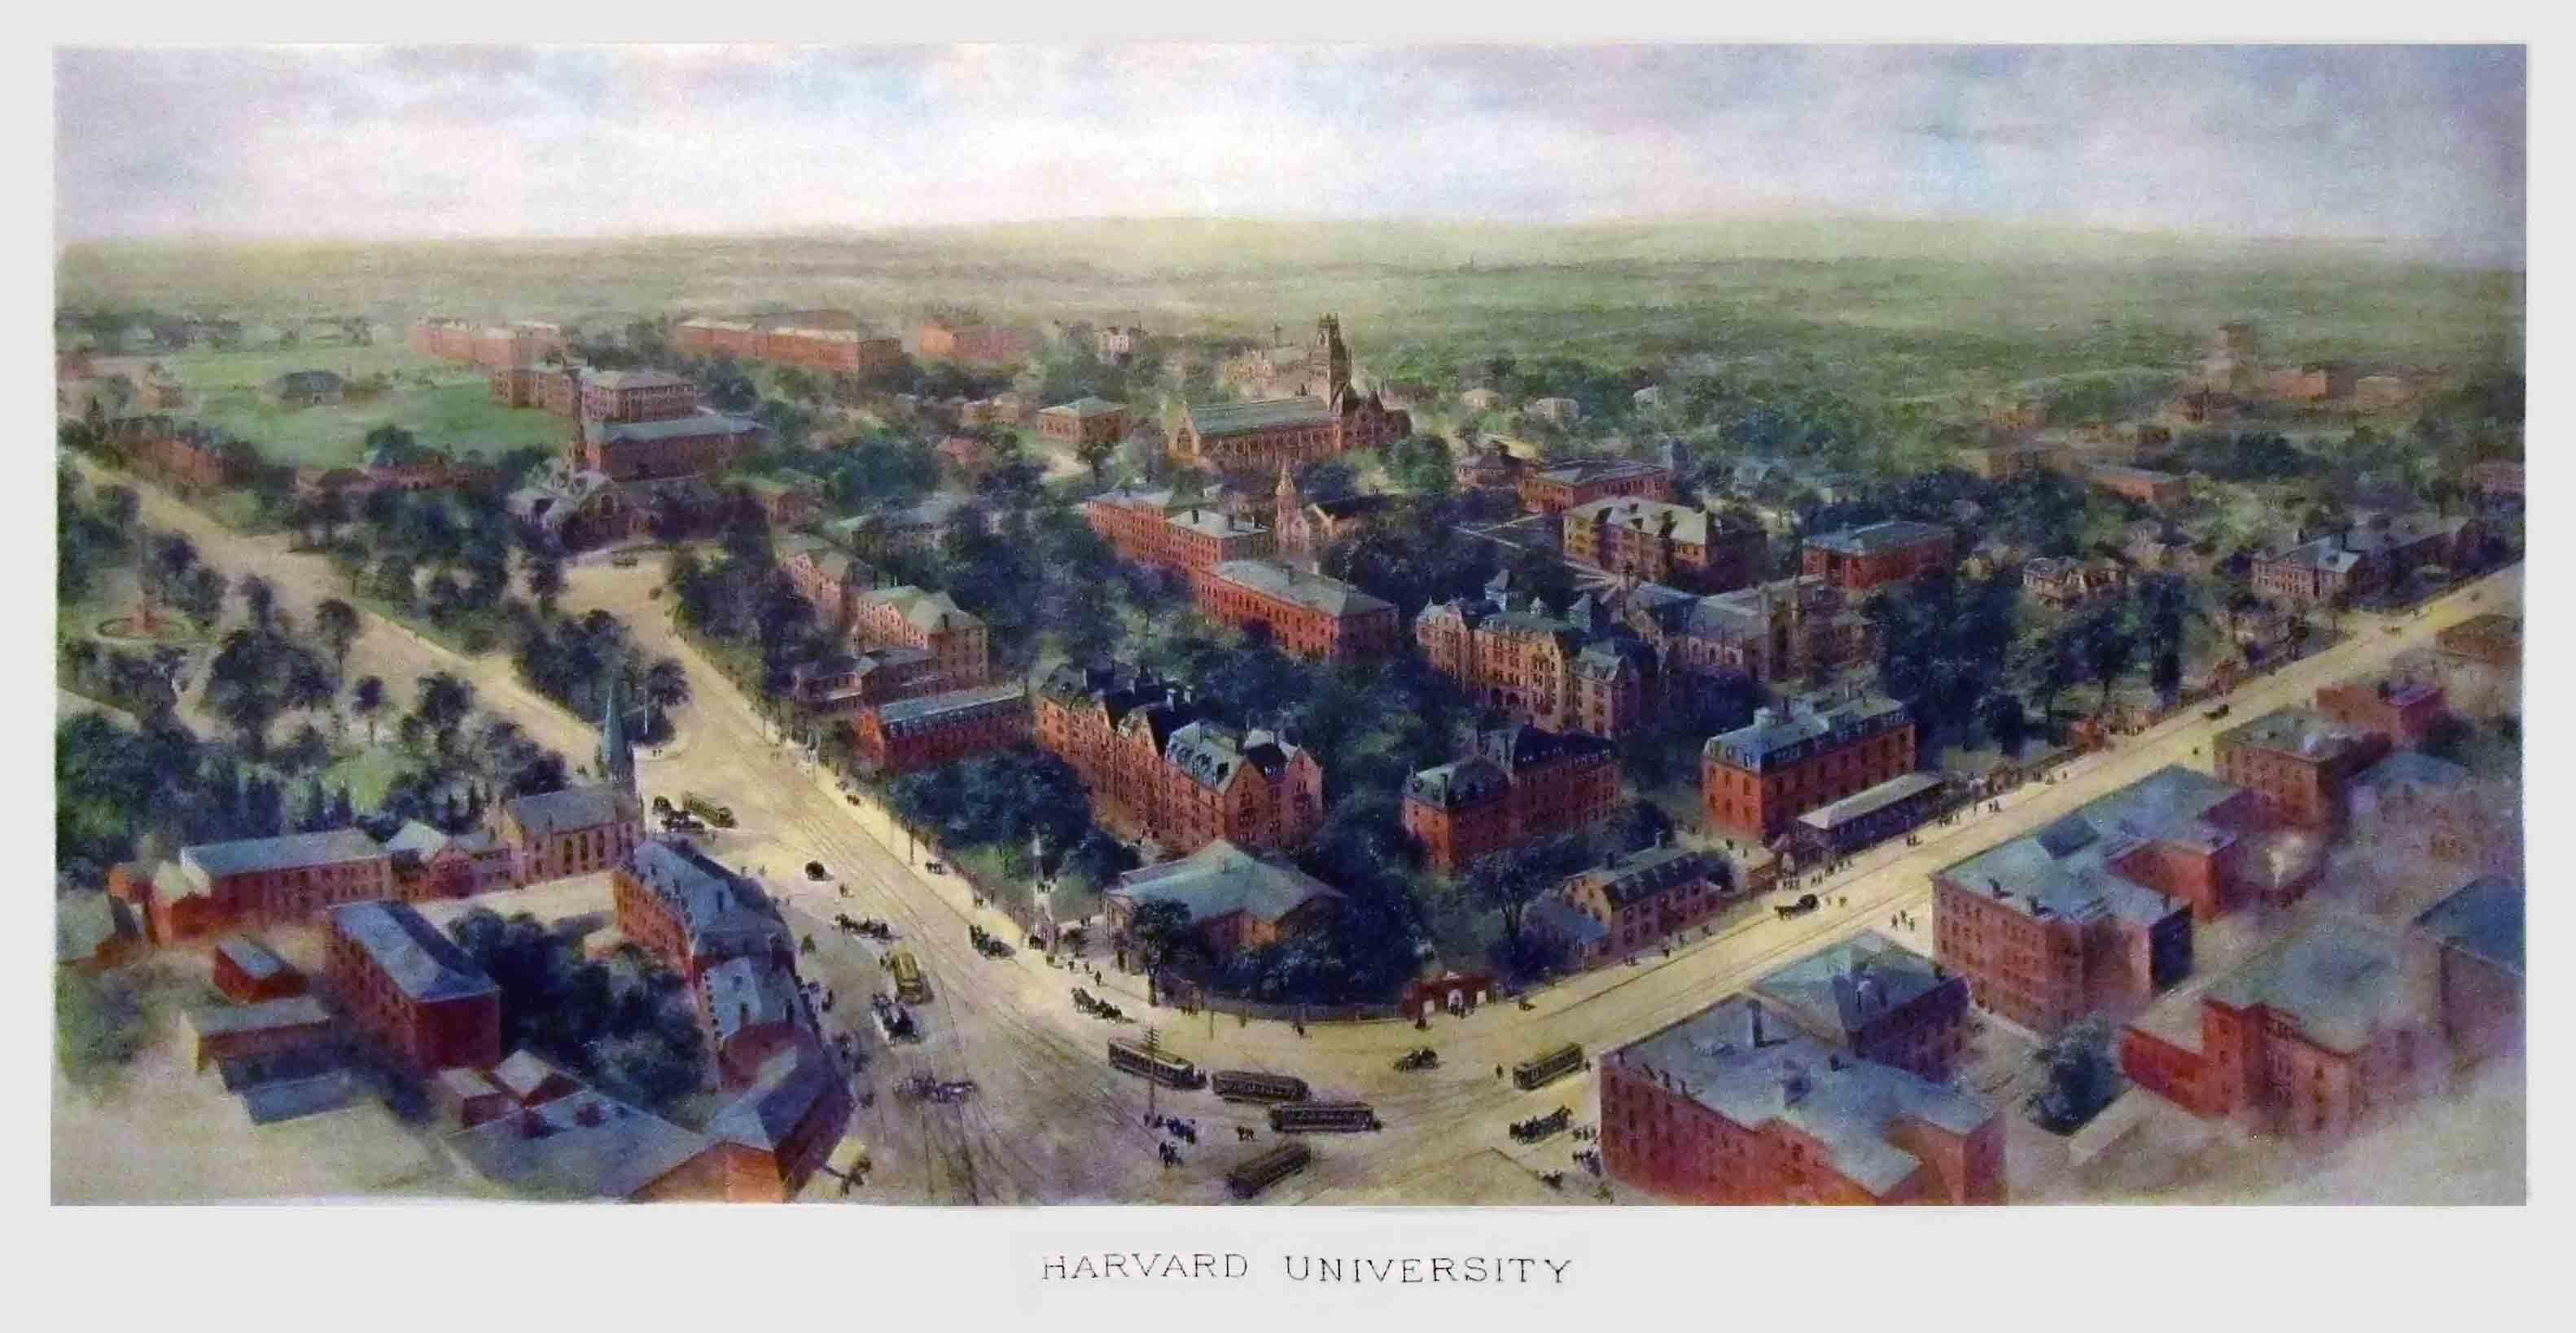 Harvard Admission Complaint, Harvard Discrimination, Harvard Admissions